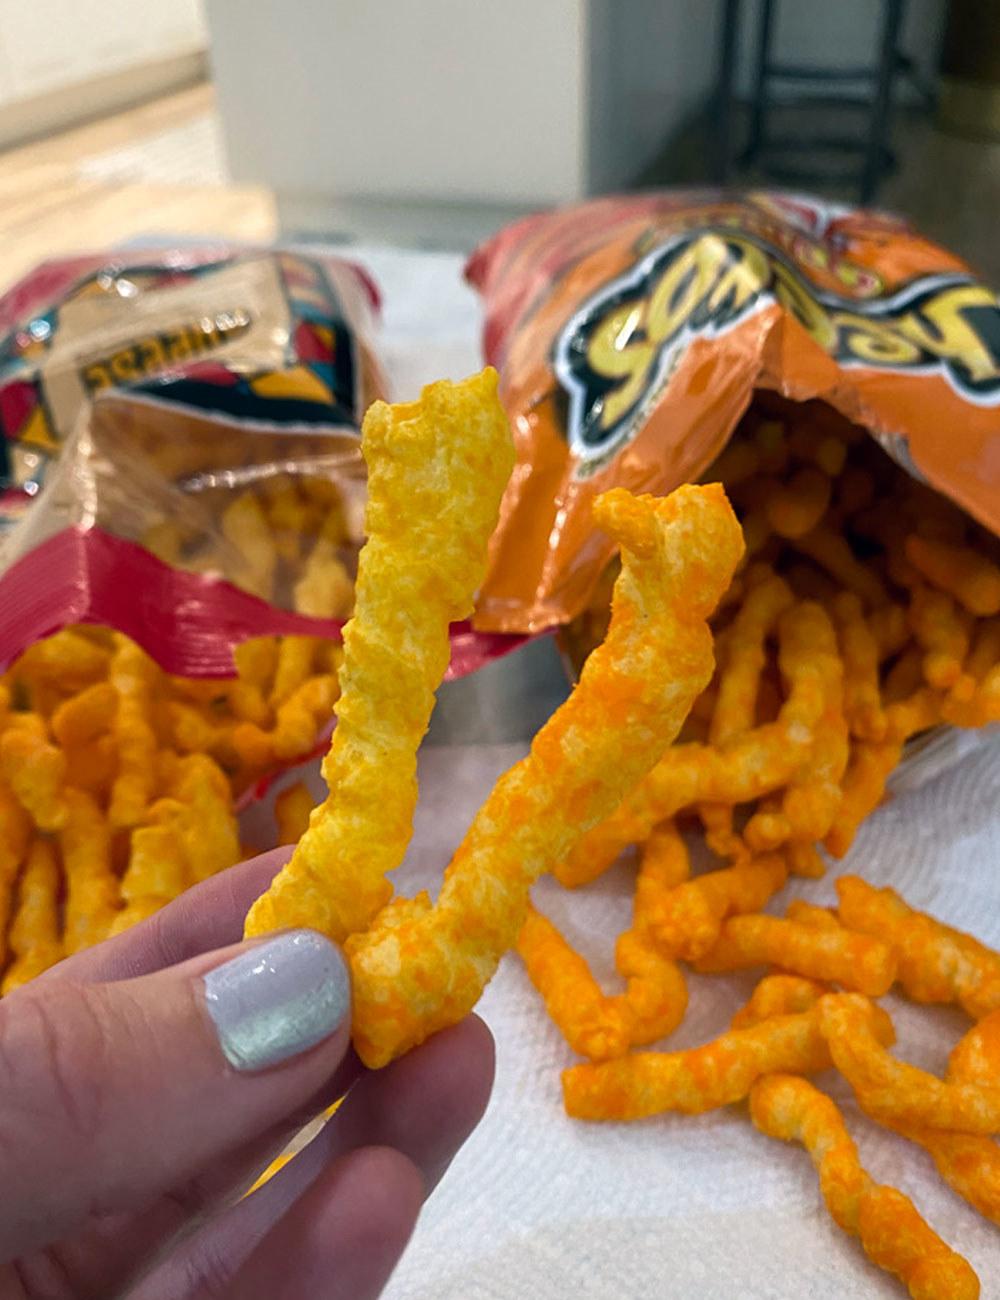 Trader Joe's Baked Cheese Crunchies and Cheetos